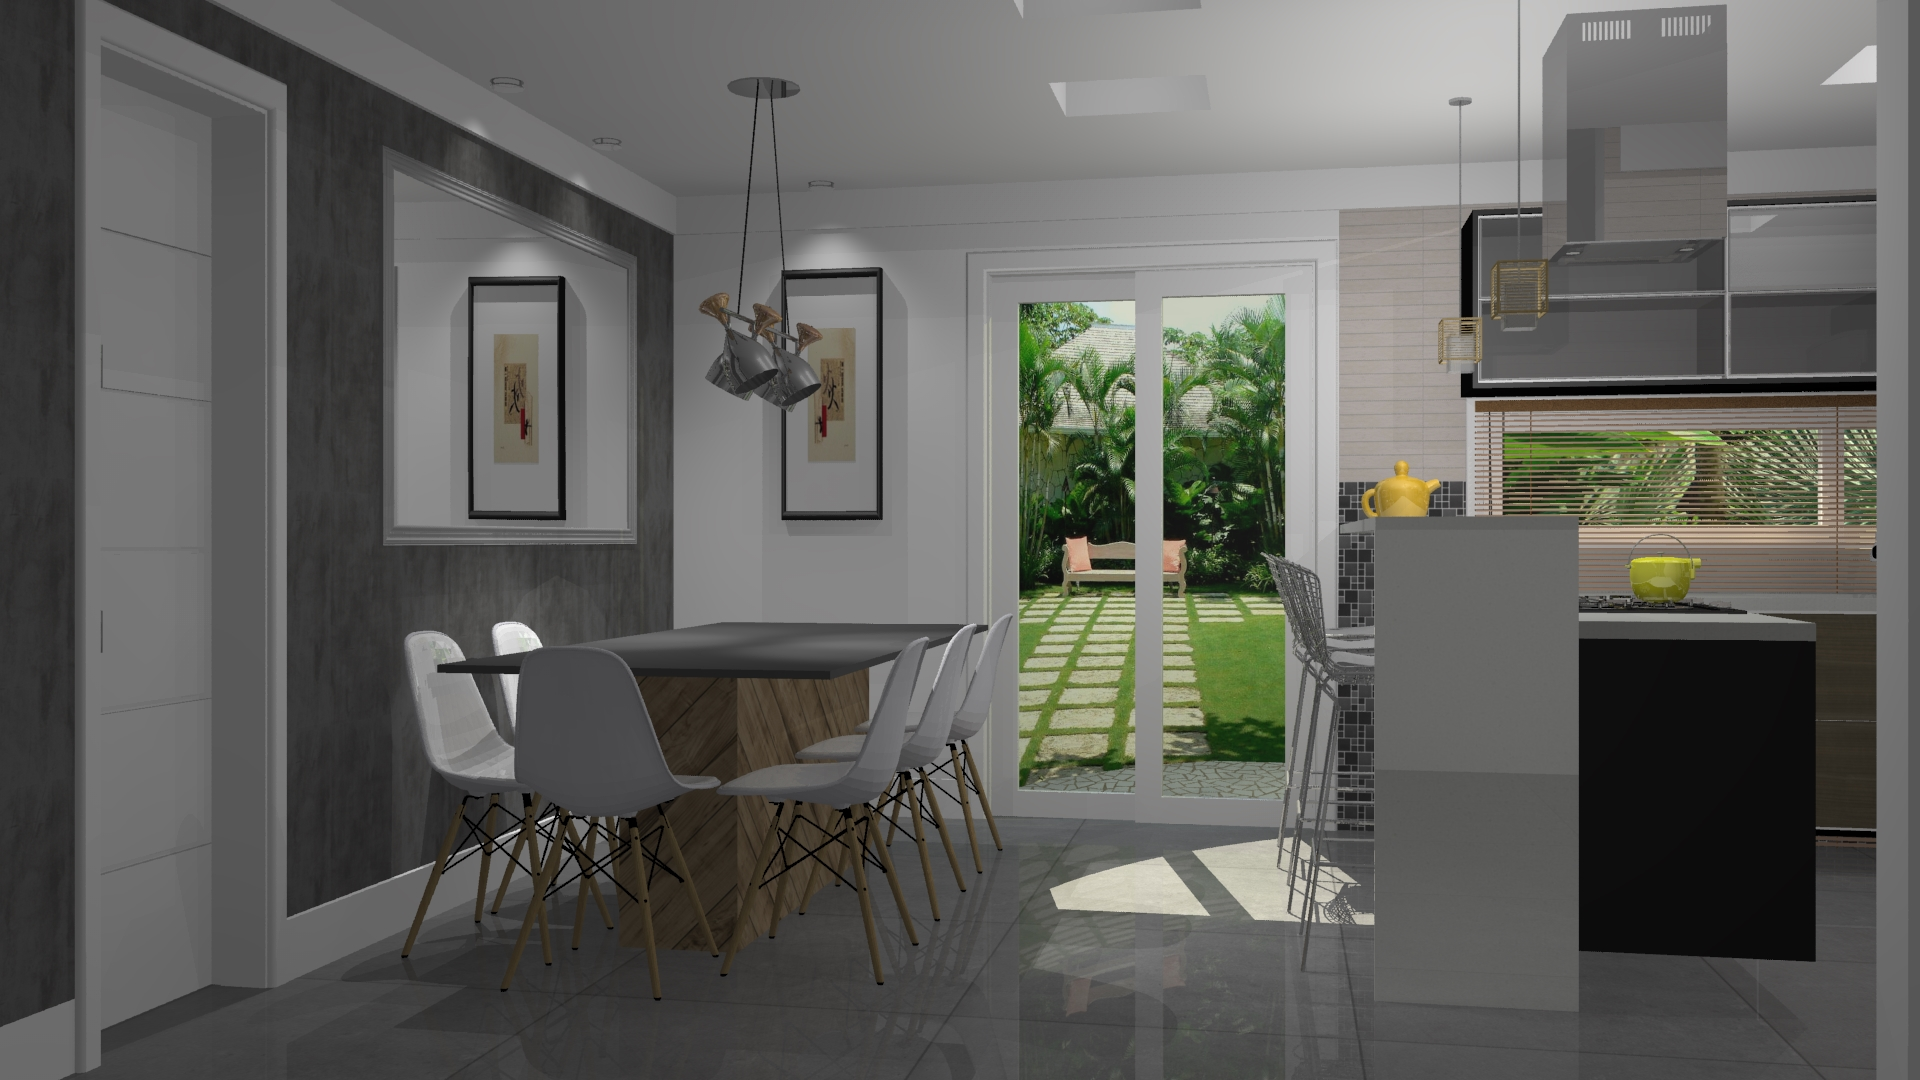 cozinha pequena planejada projetos de cozinhas cozinha moderna cozinha  #997E32 1920 1080